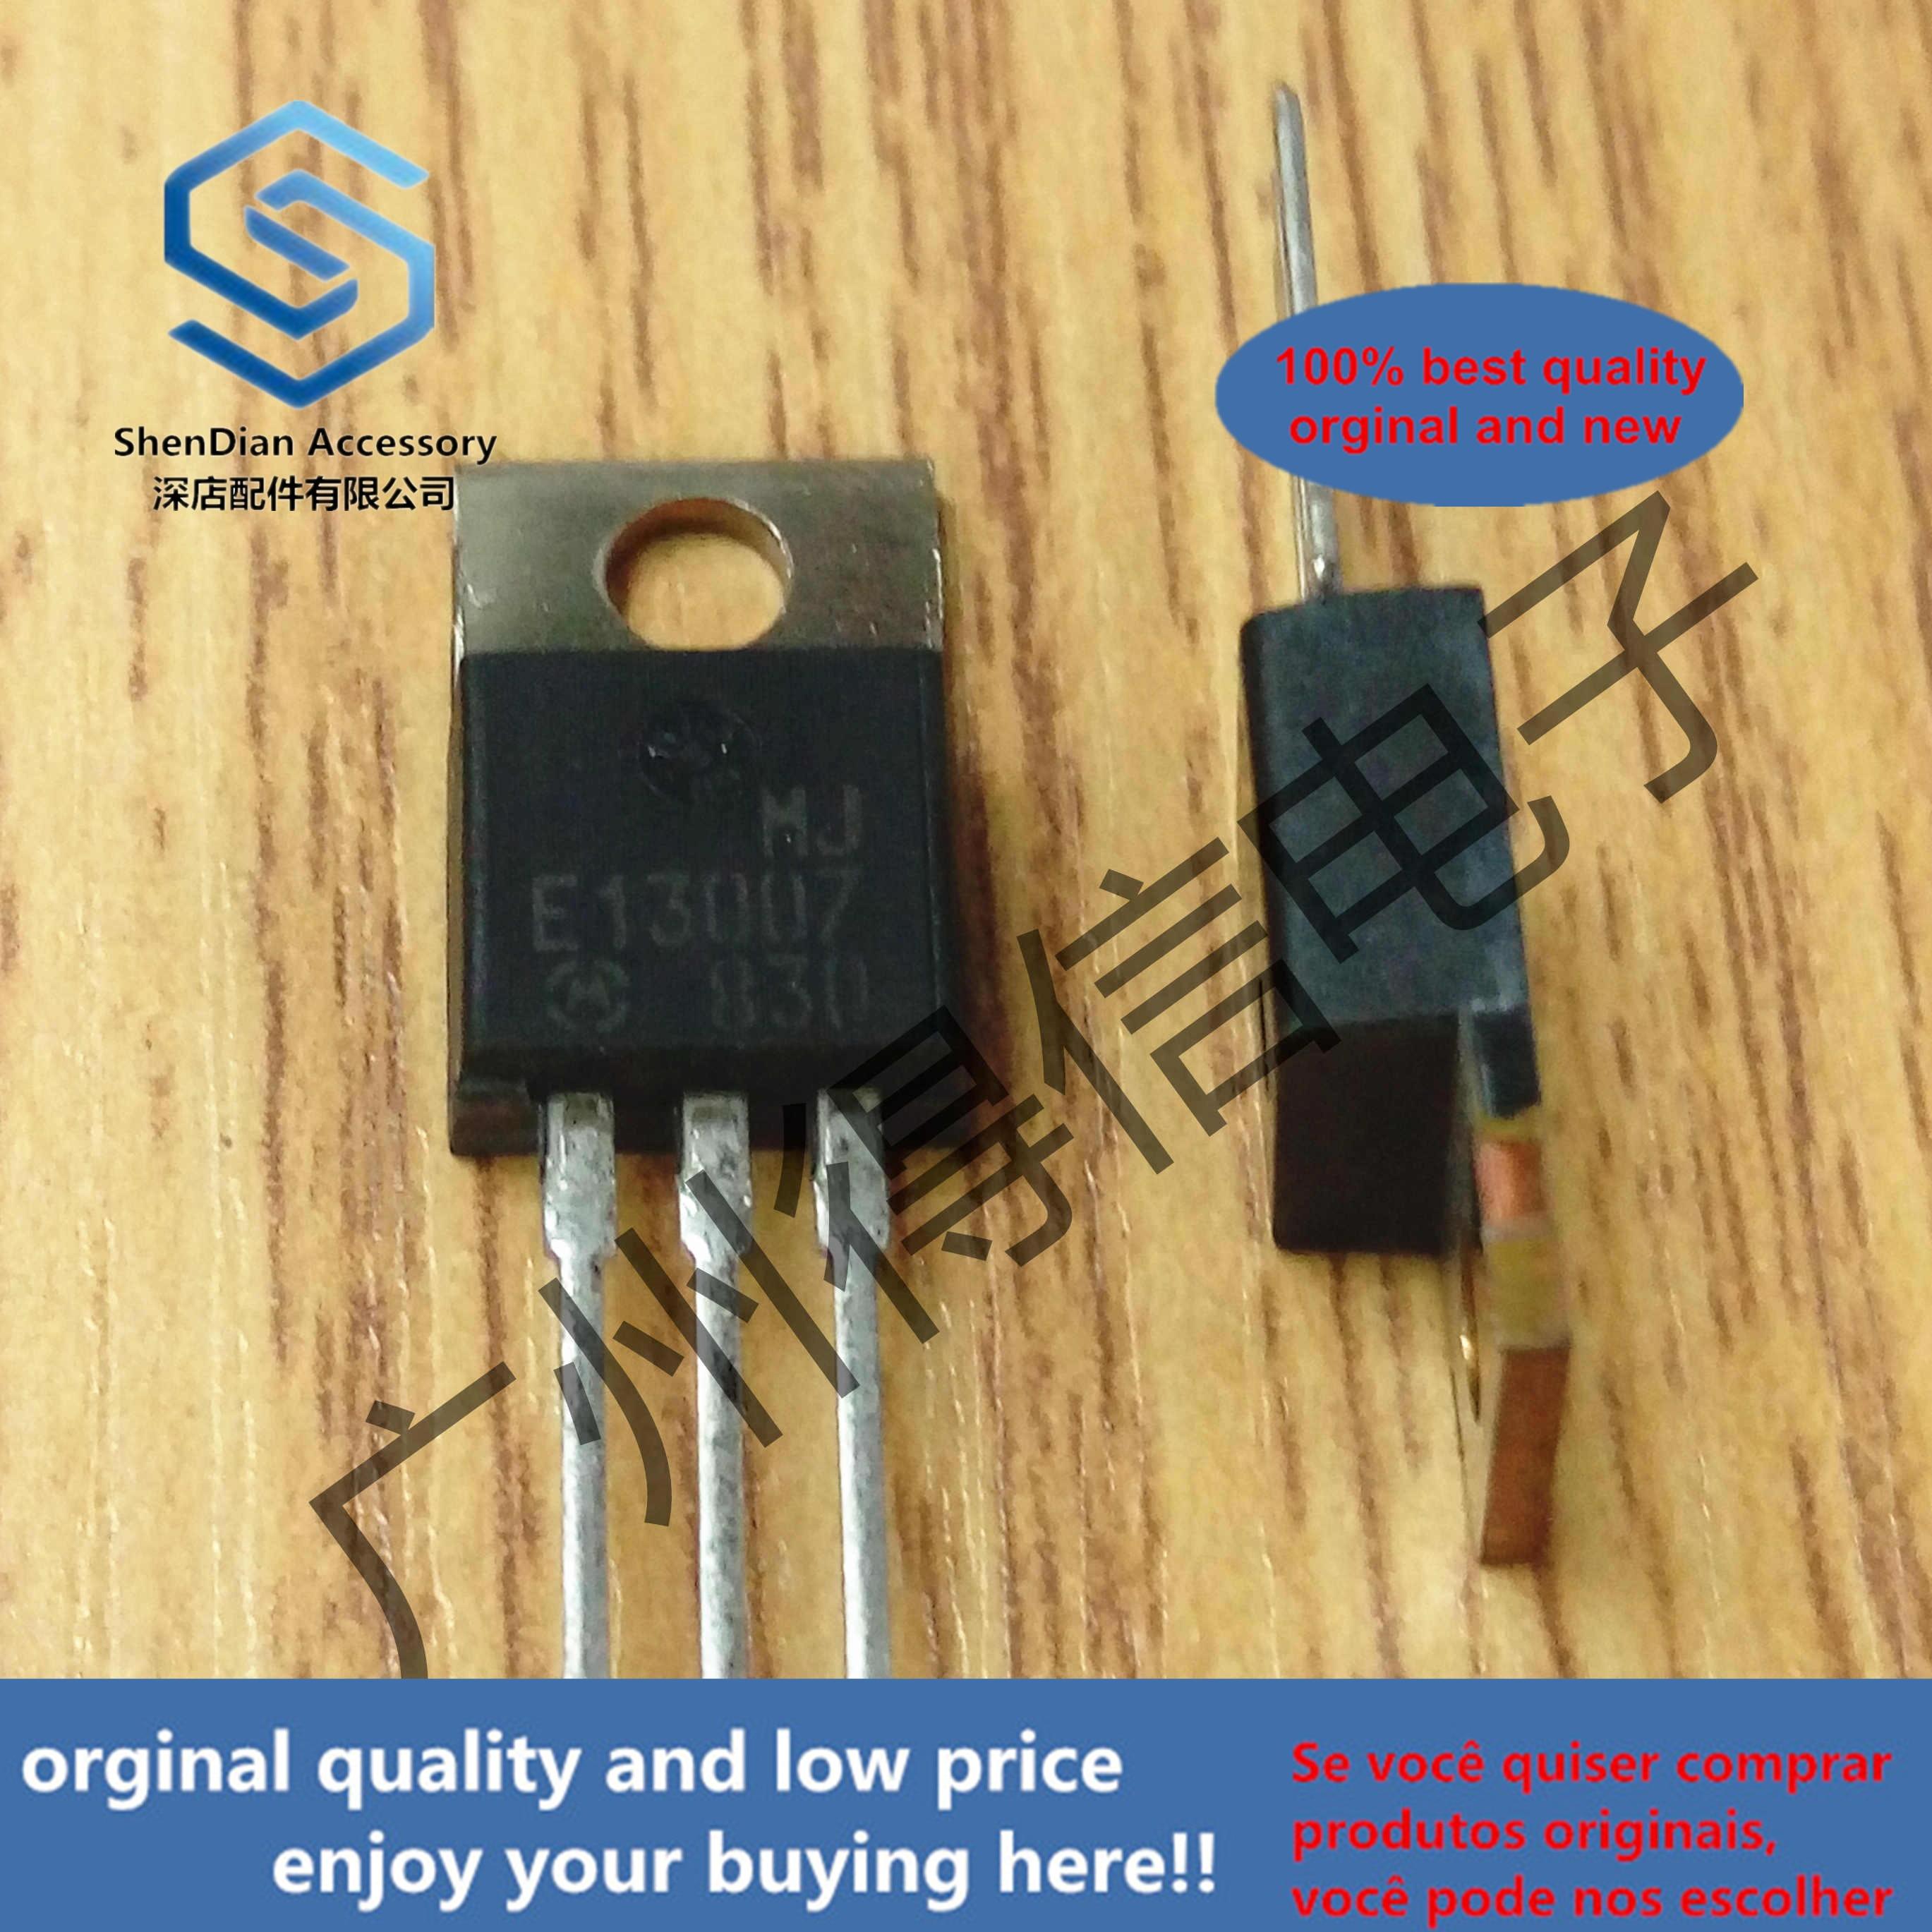 10pcs 100% Orginal New MJE13007 13007 TO-220  POWER TRANSISTOR 8.0 AMPERES 400 VOLTS 80/40 WATTS Real Photo